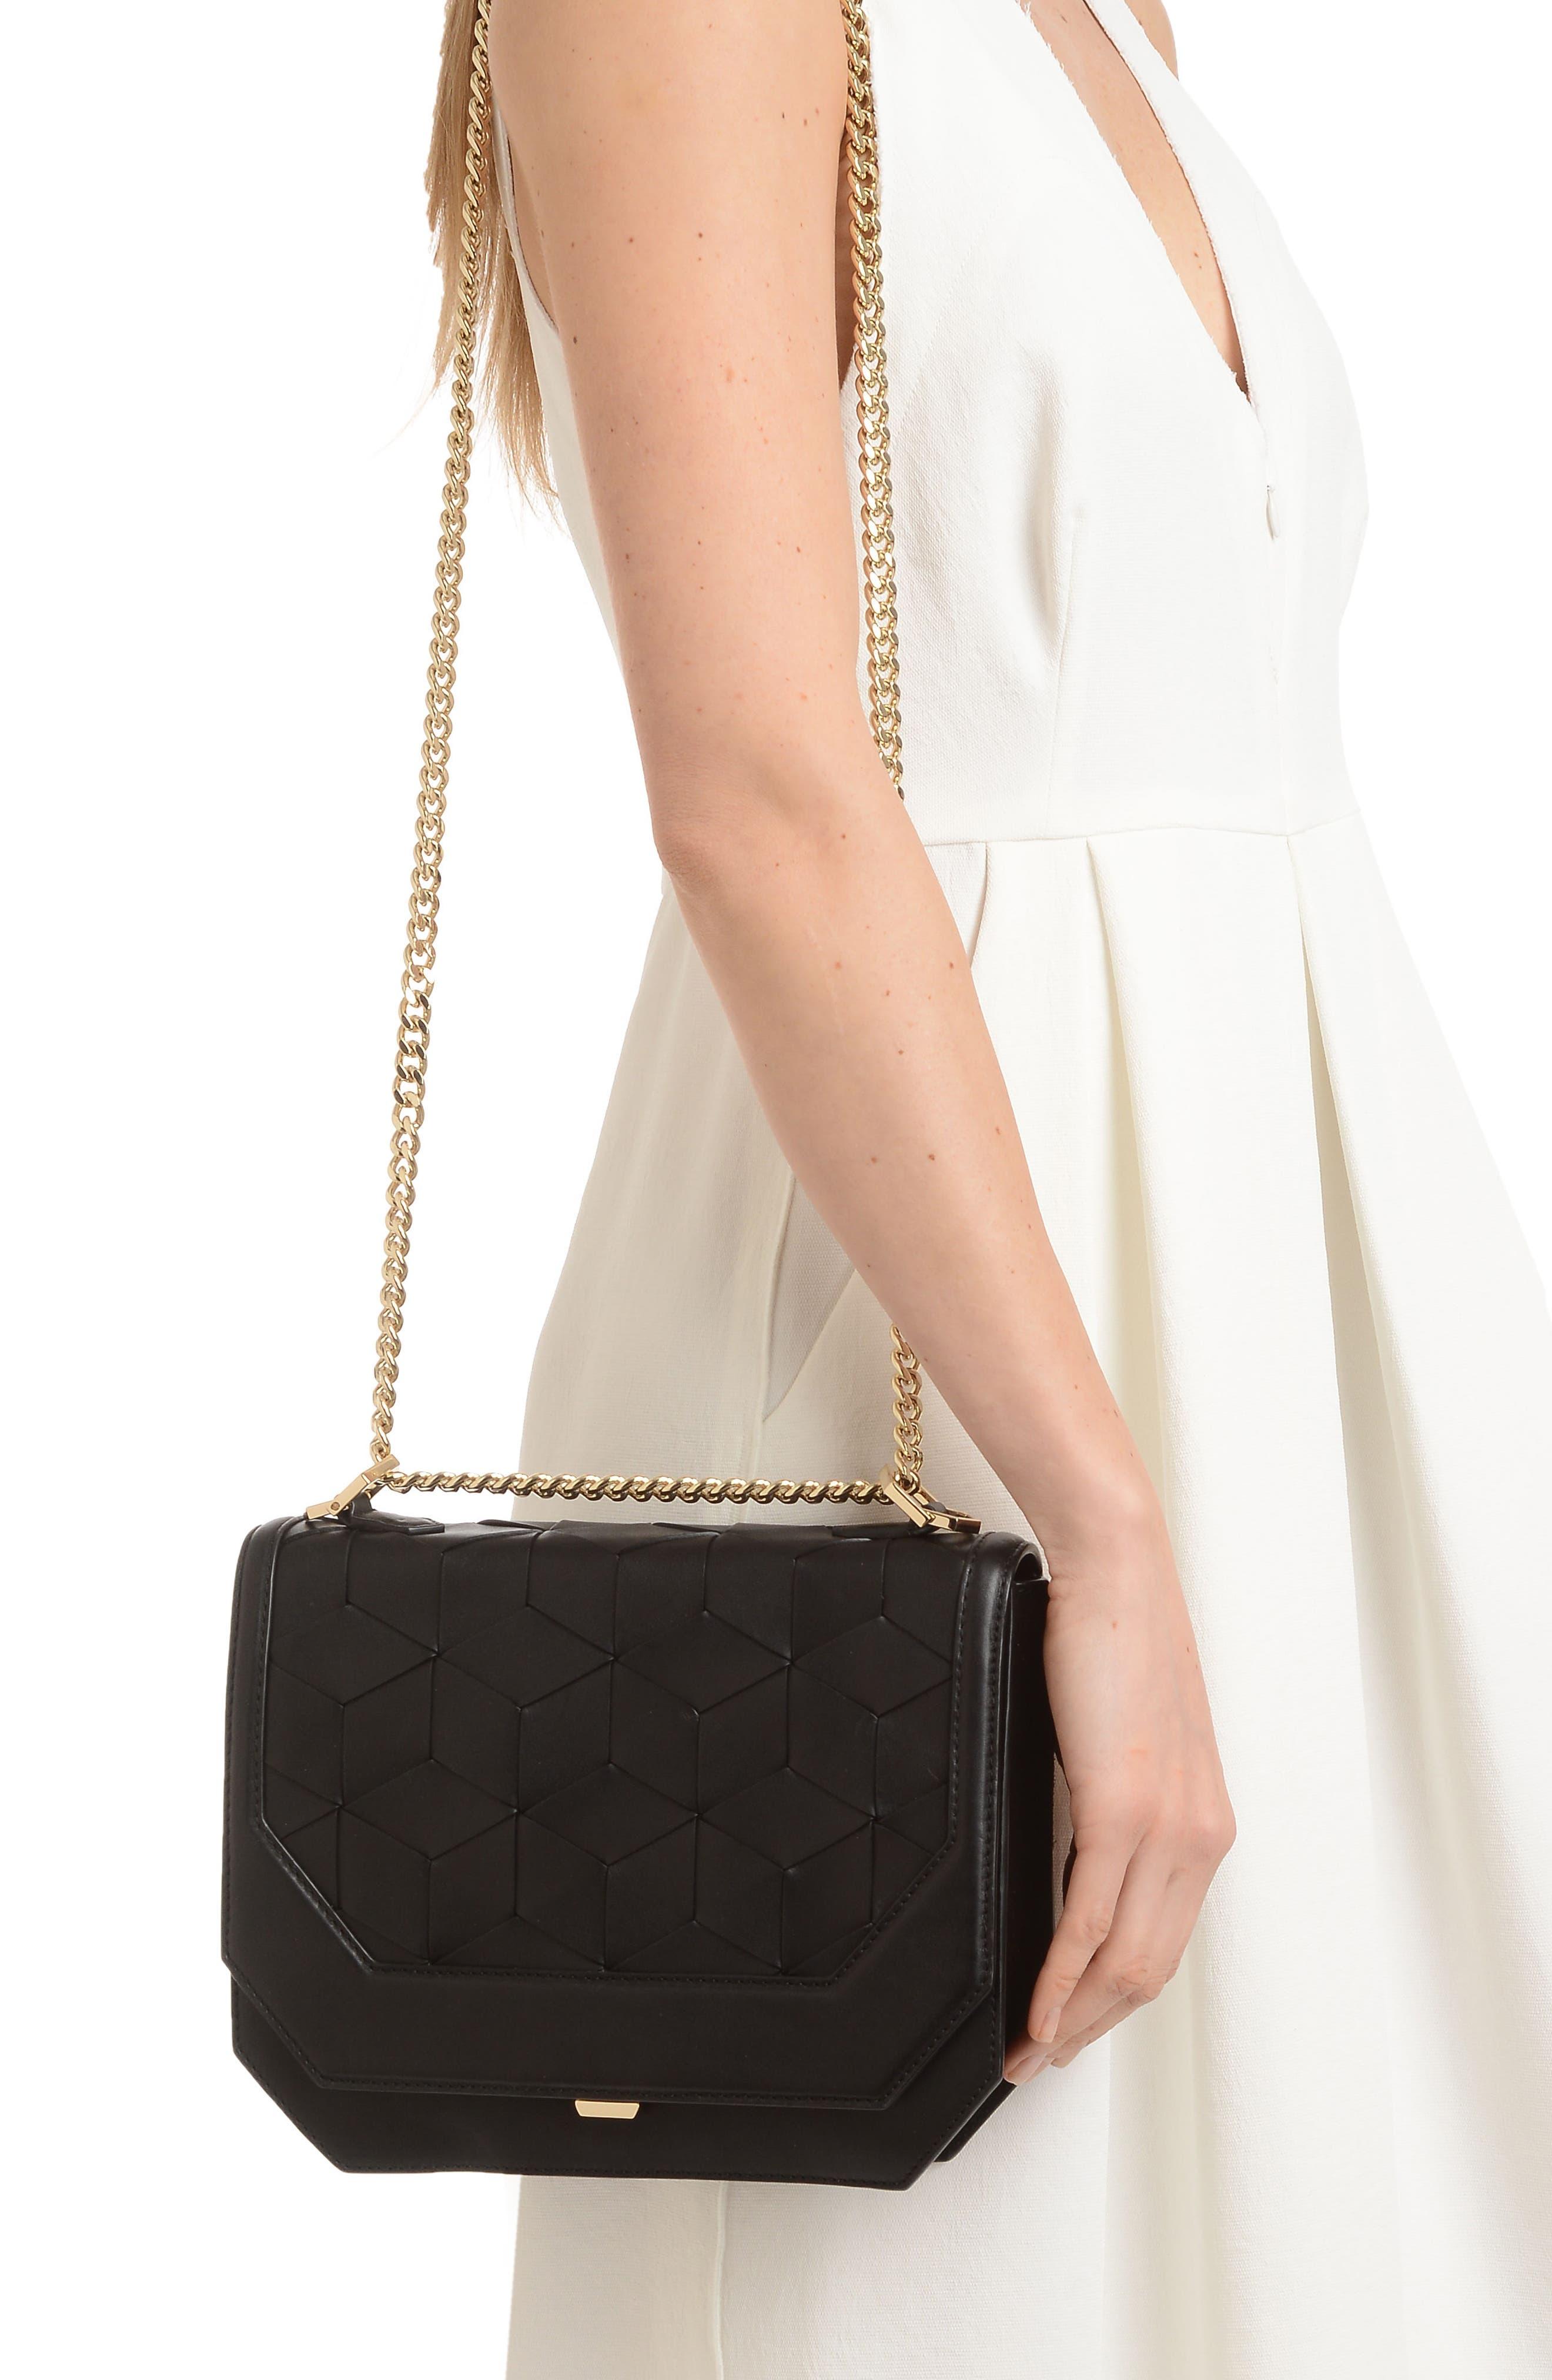 Supine Leather Shoulder Bag,                             Alternate thumbnail 3, color,                             Black